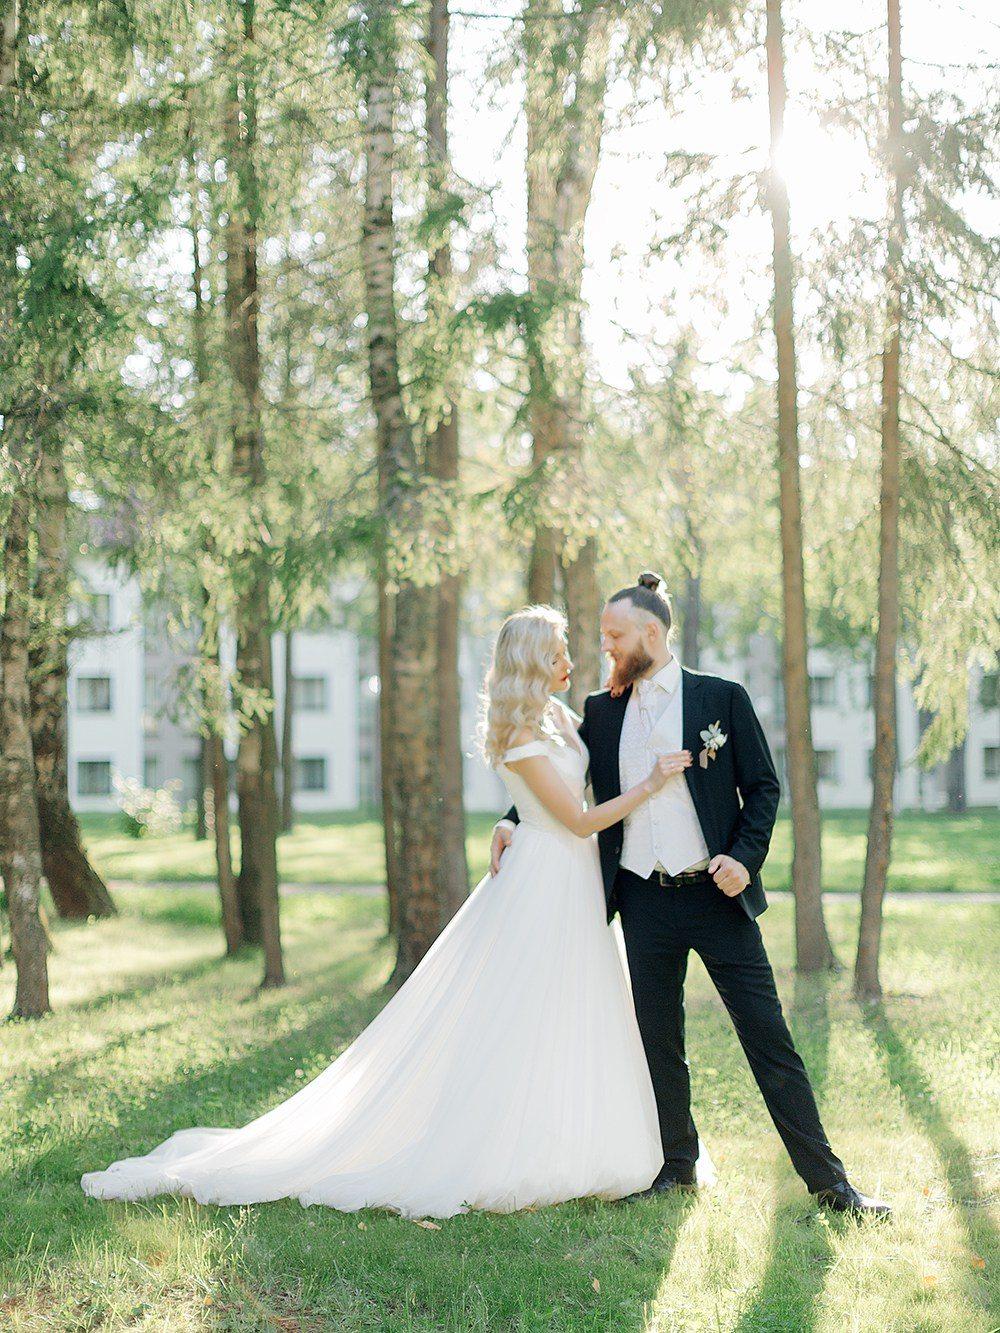 Какие свадебные фотографии будут прекрасны и через 20 лет?